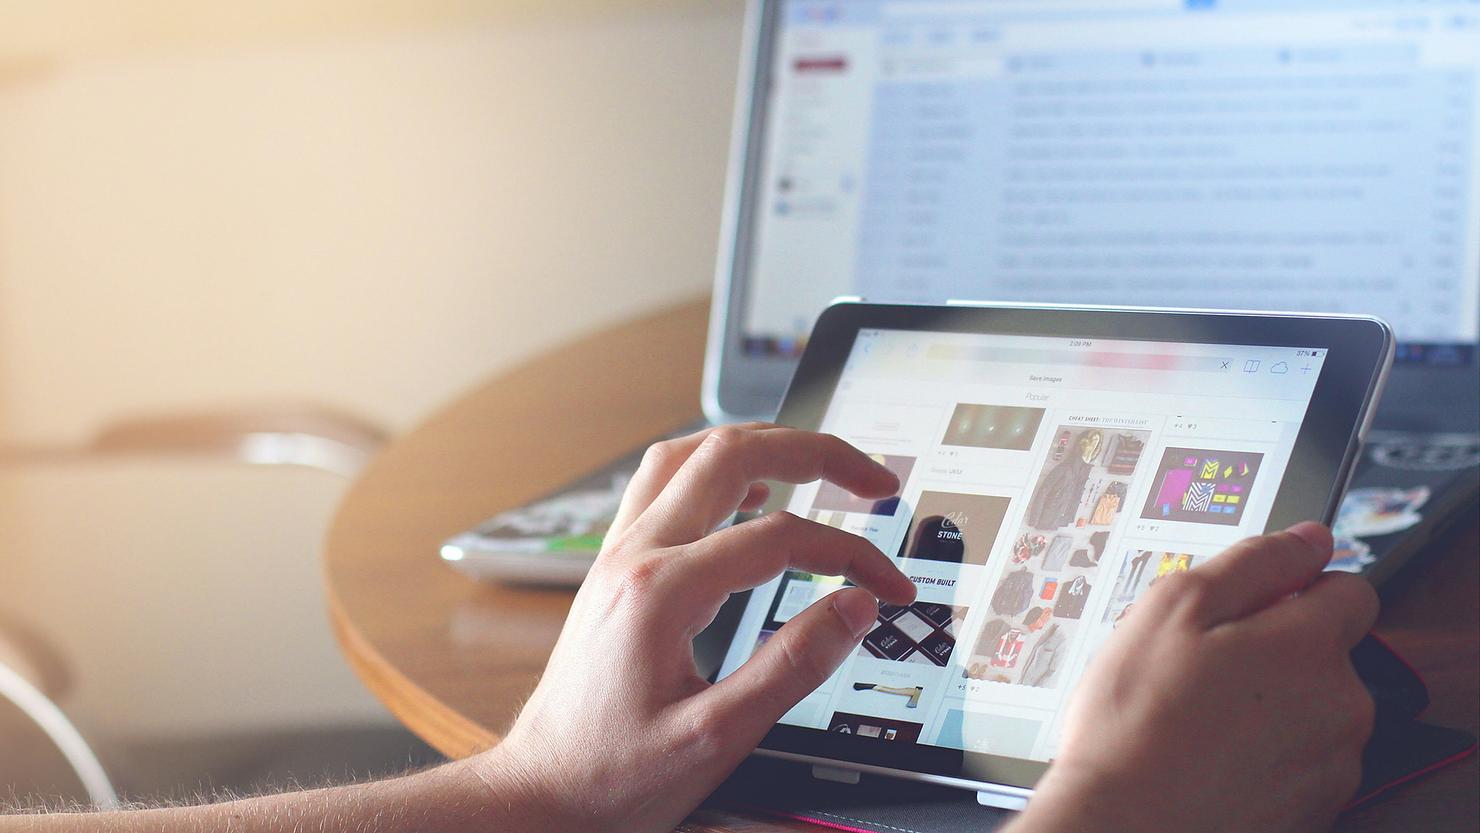 Online marketing trends 2018 #2 Video's en afbeeldingen: alles moet visueel